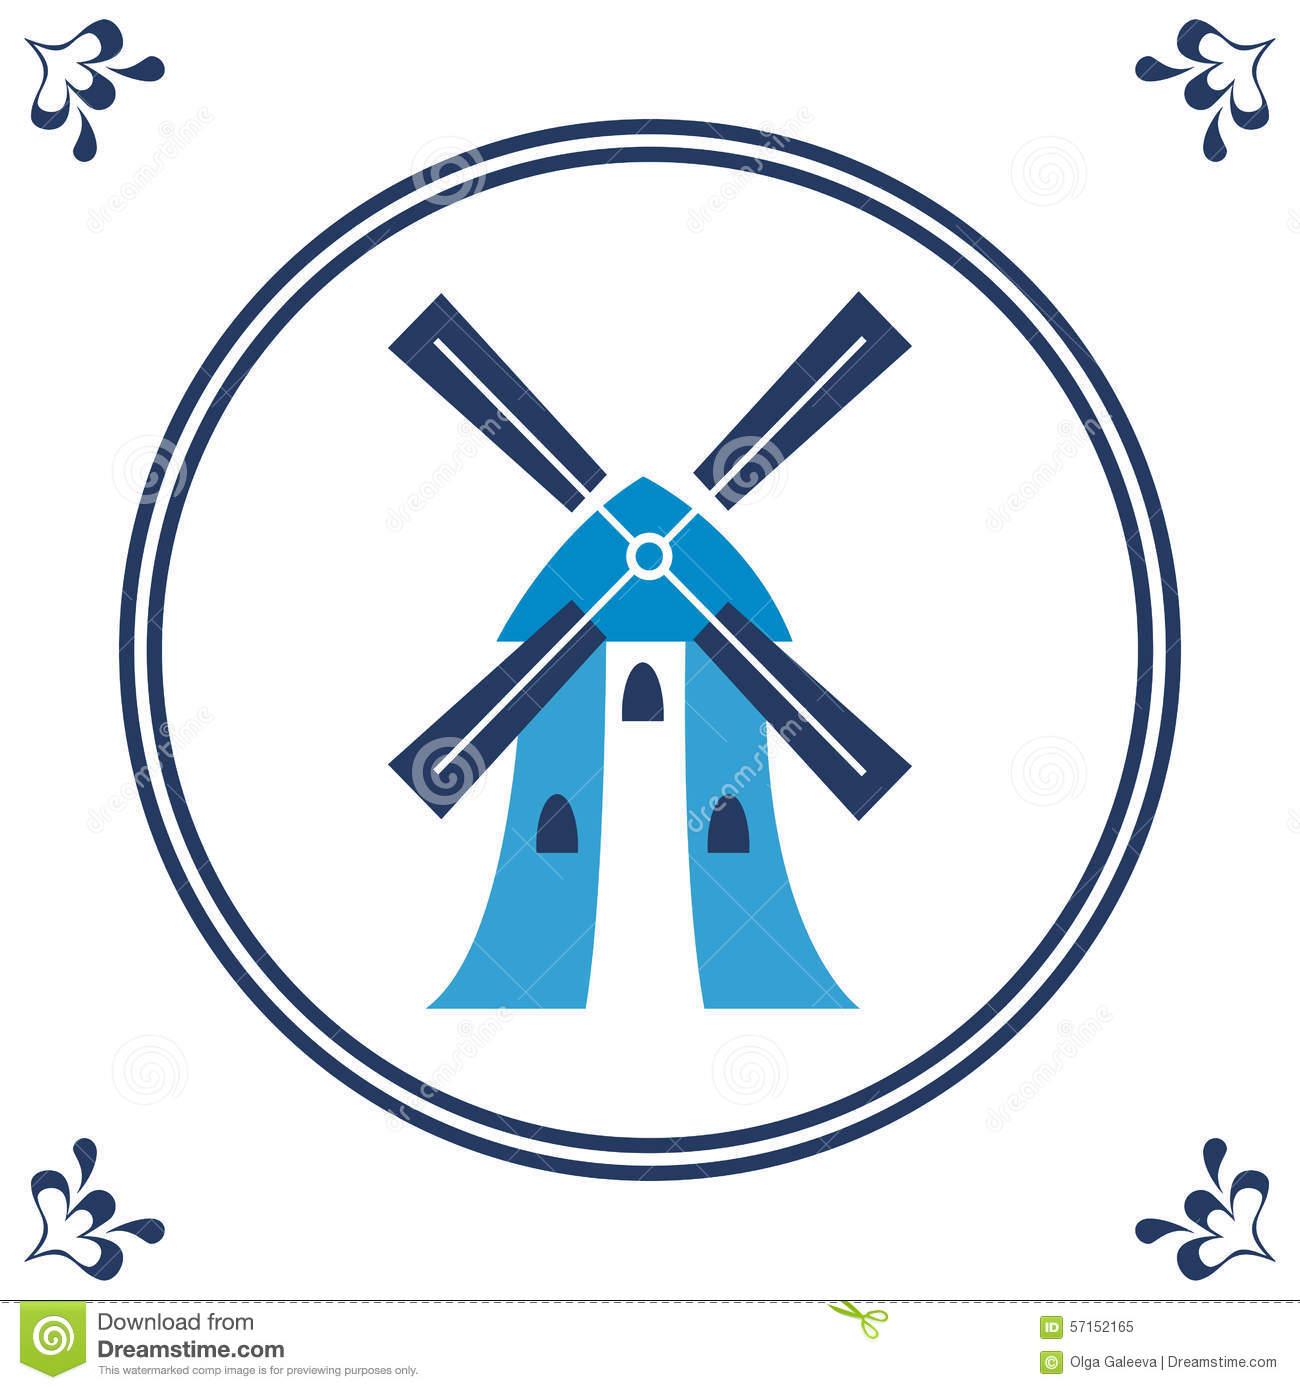 Windmill clipart dutch windmill #3